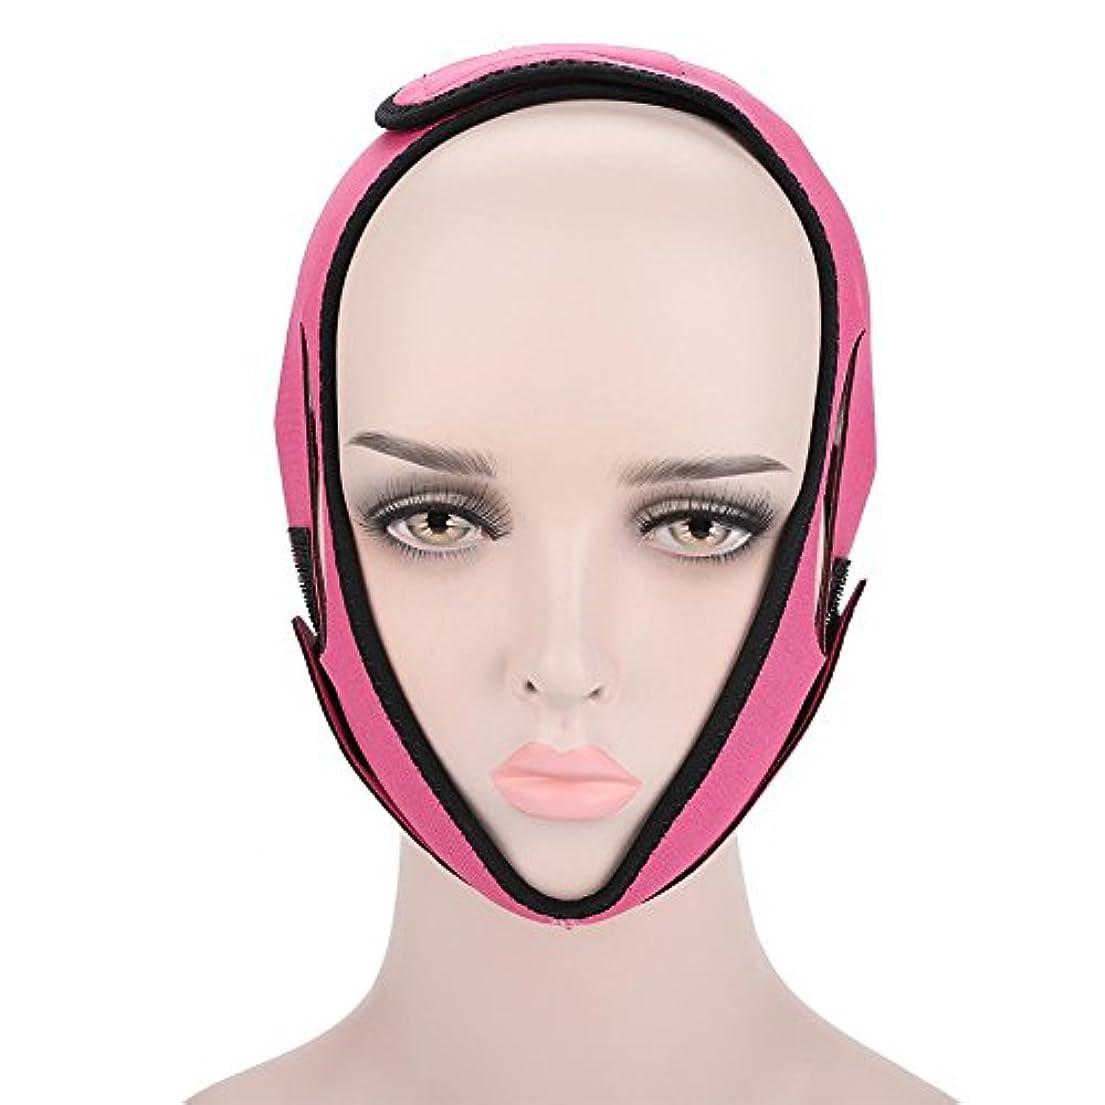 パイ同意ペンフェイススリミング包帯 顔の包帯フェイシャルスリミングマスクフェイシャルケアのためのフェイシャルベルト薄い首のフェイスリフトダブルチン女性のための(3#)